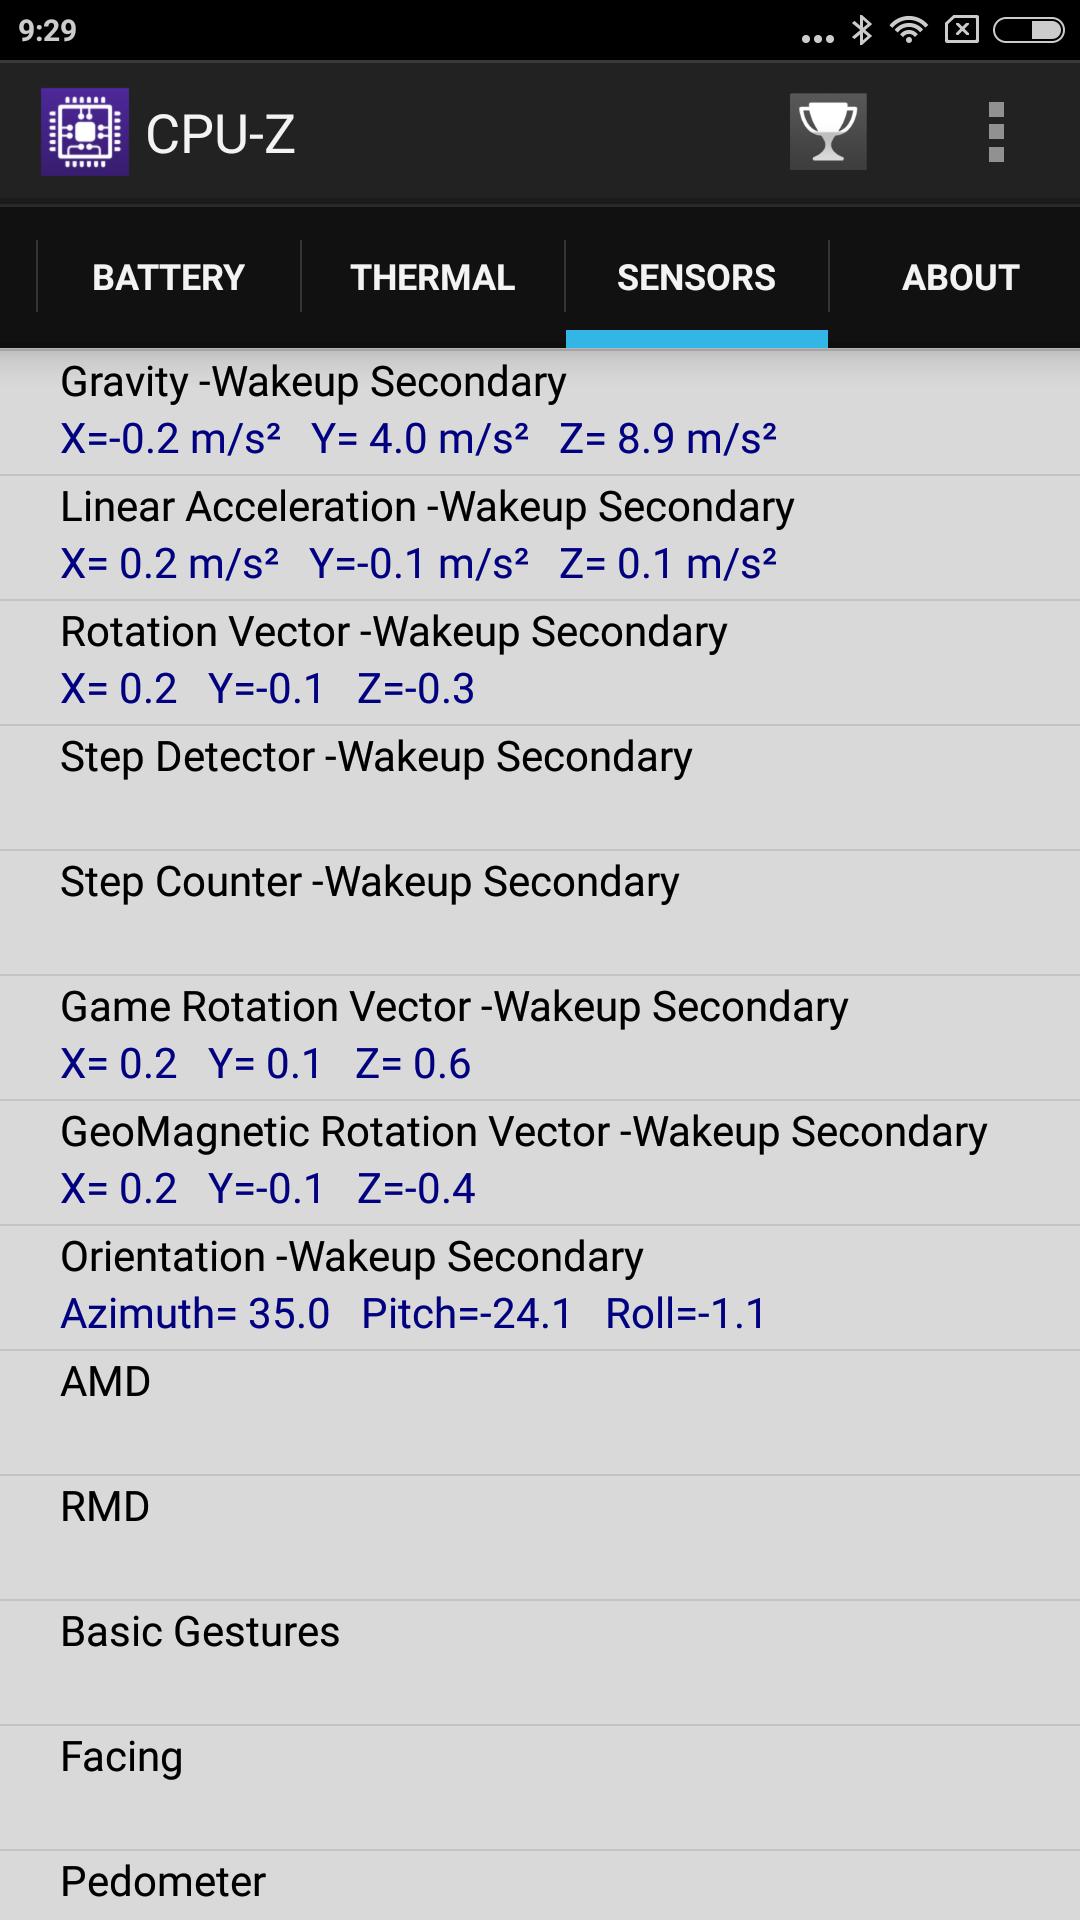 Xiaomi Redmi Note 4X CPU-Z Sensors 3